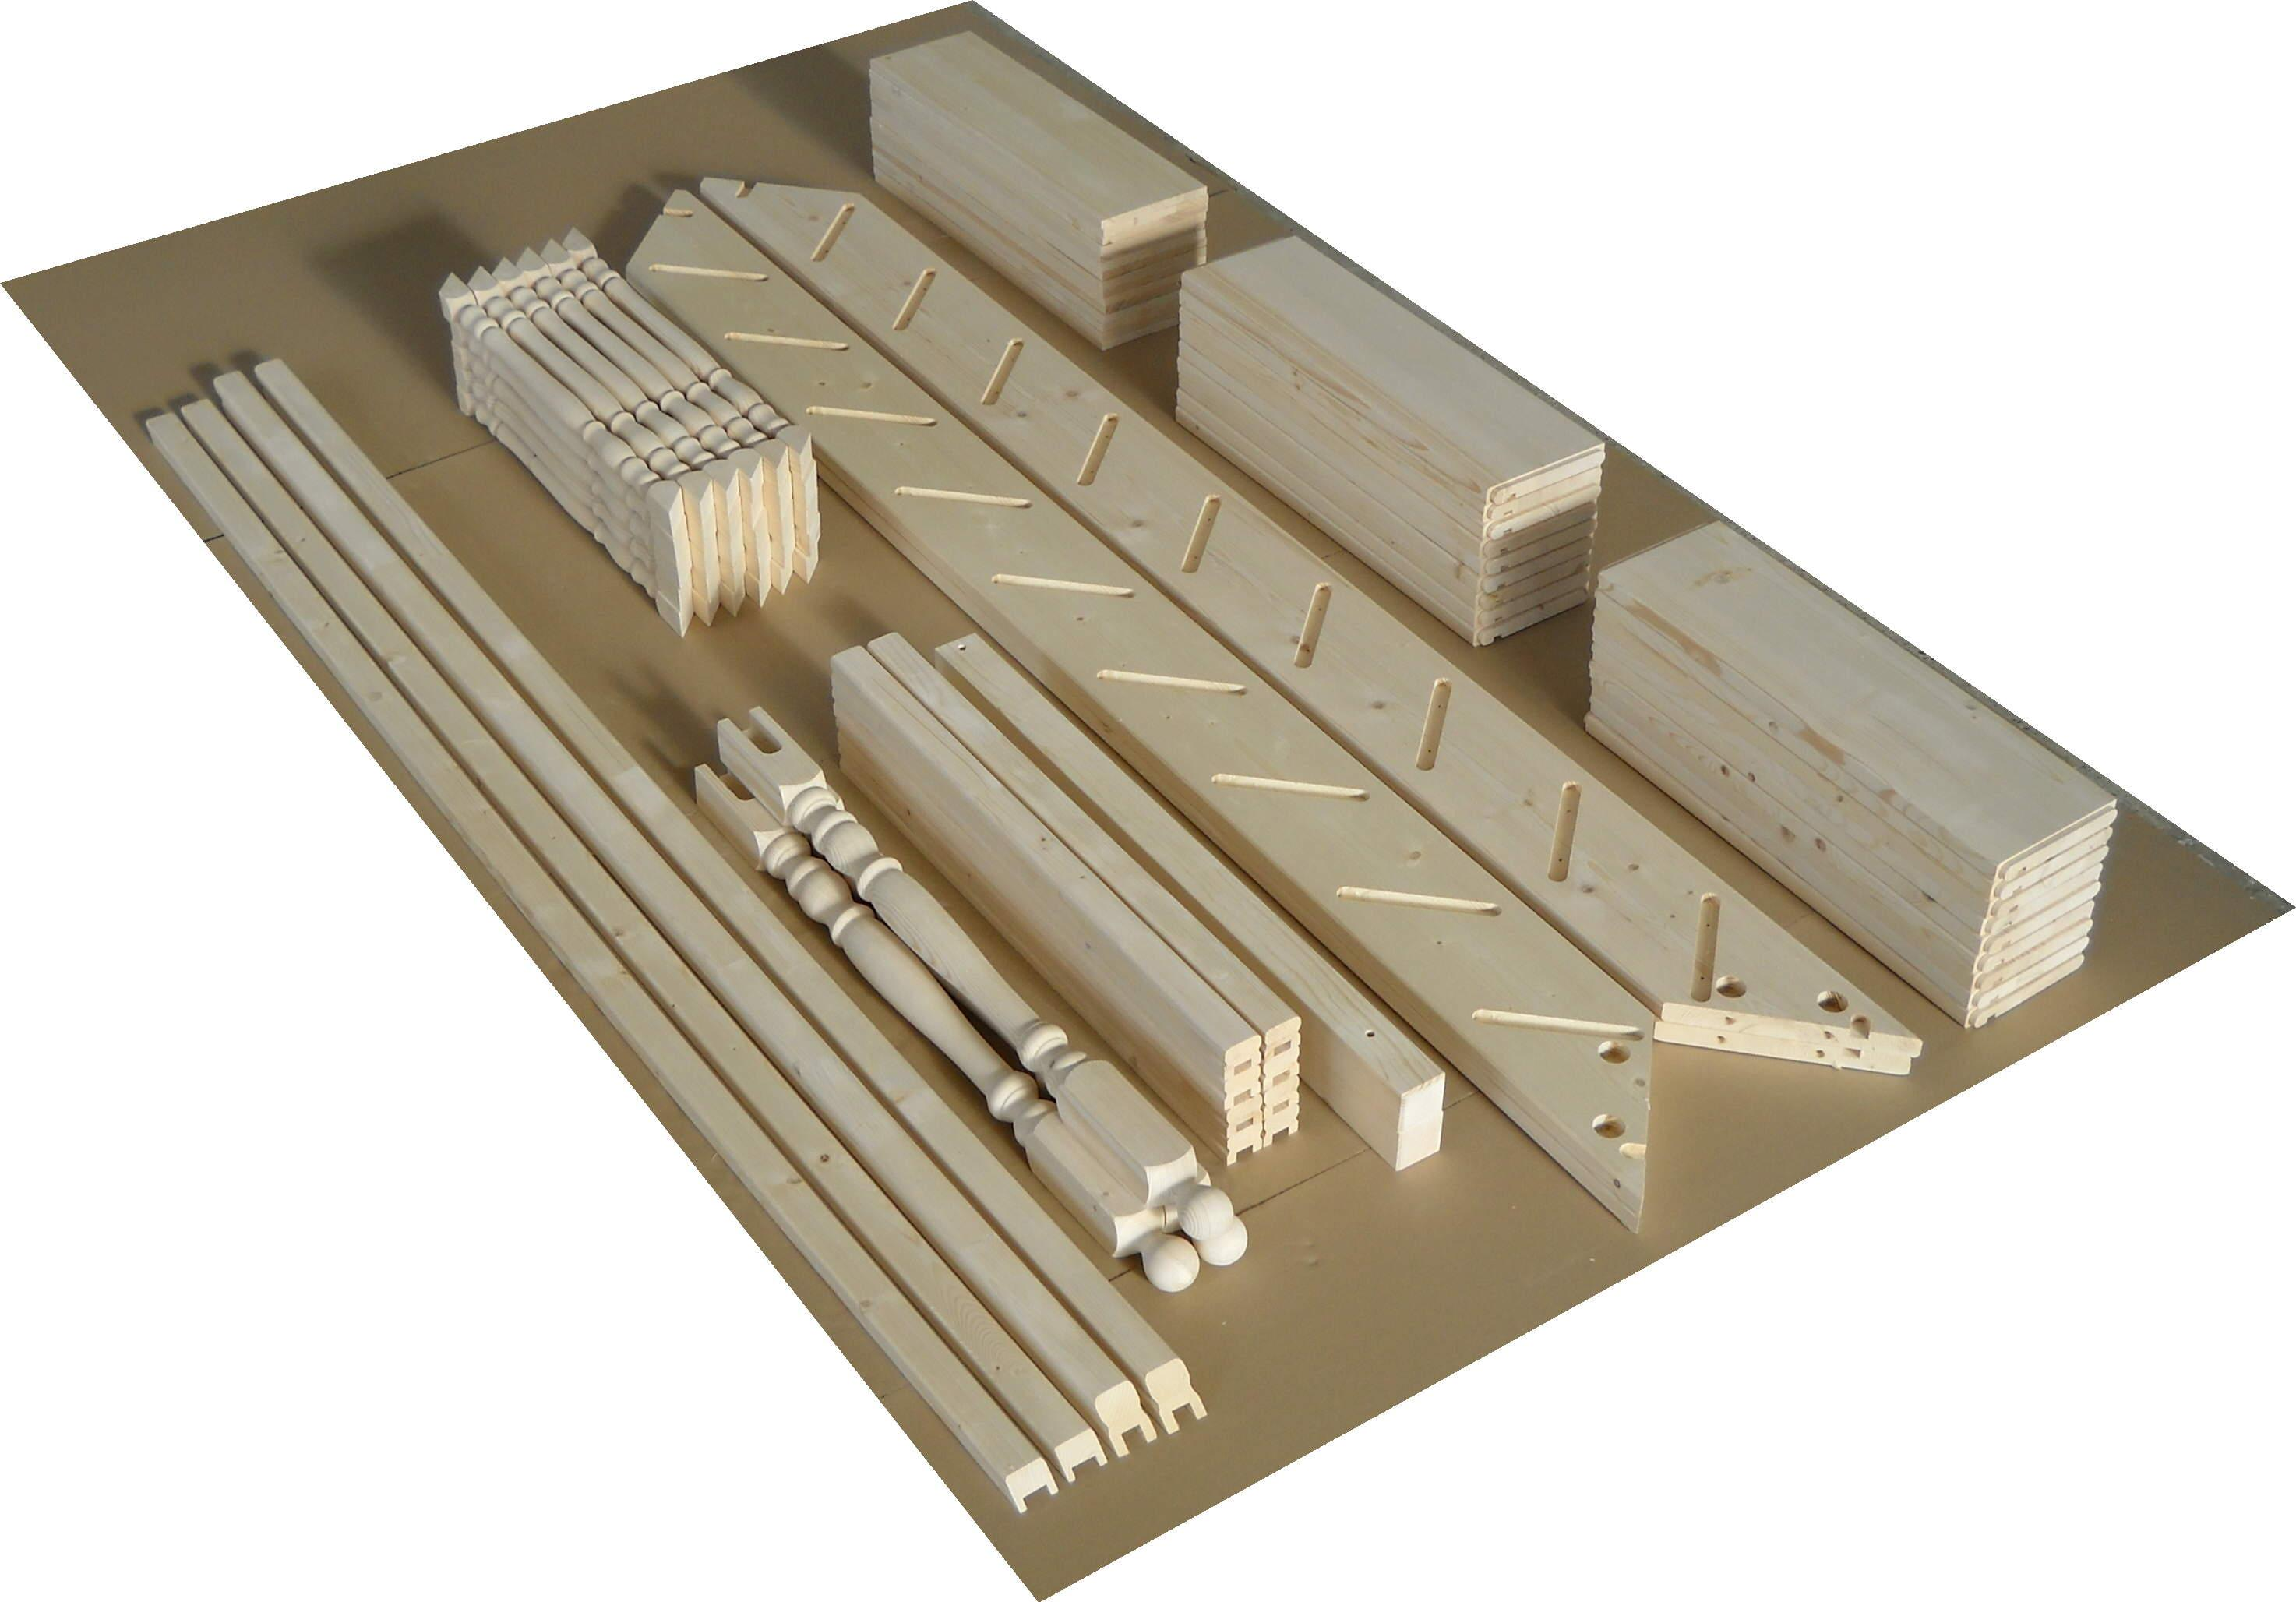 Escaliers, epicéa (picea abies) bois blancs